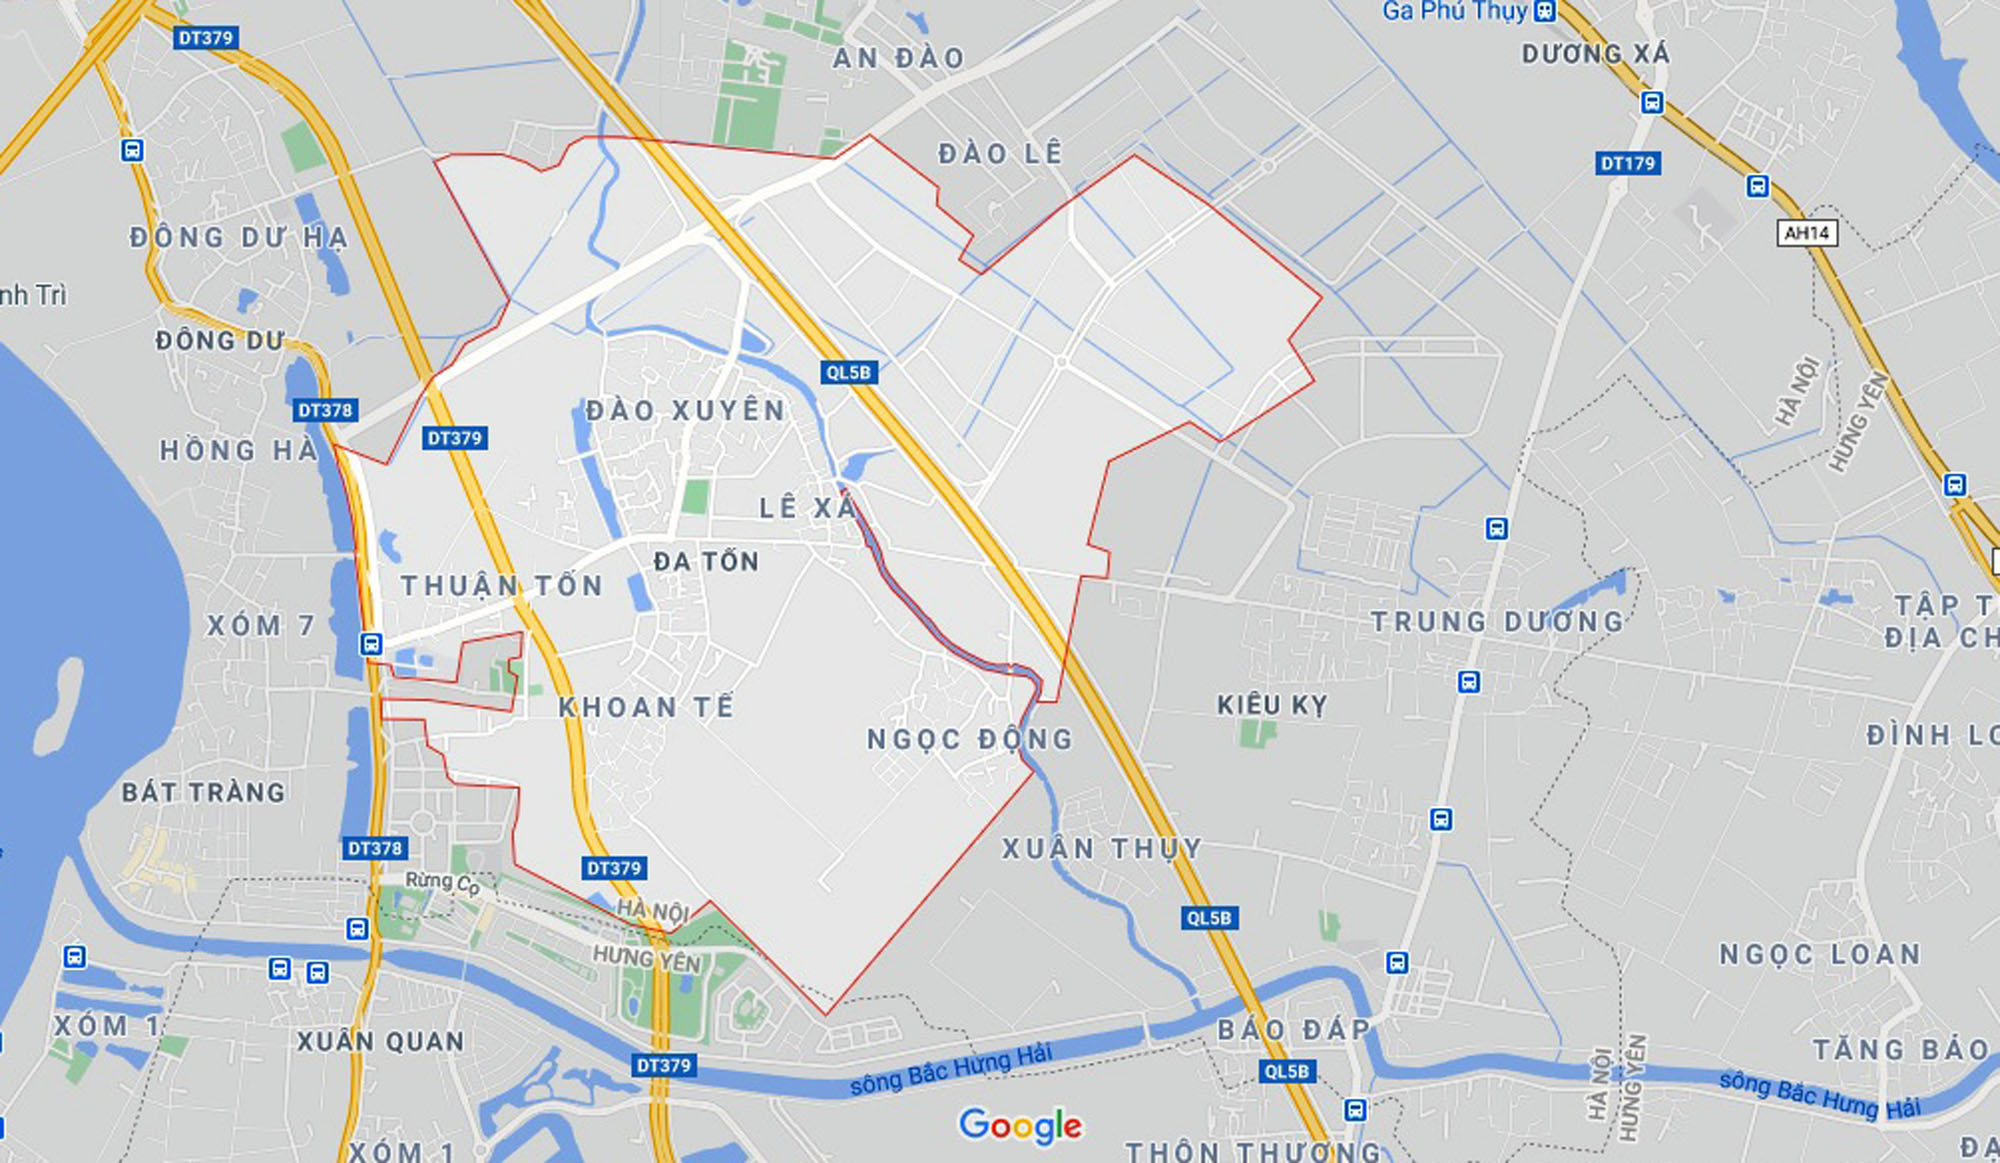 đường sẽ mở theo qui hoạch ở xã Đa Tốn, Gia Lâm, Hà Nội - Ảnh 1.